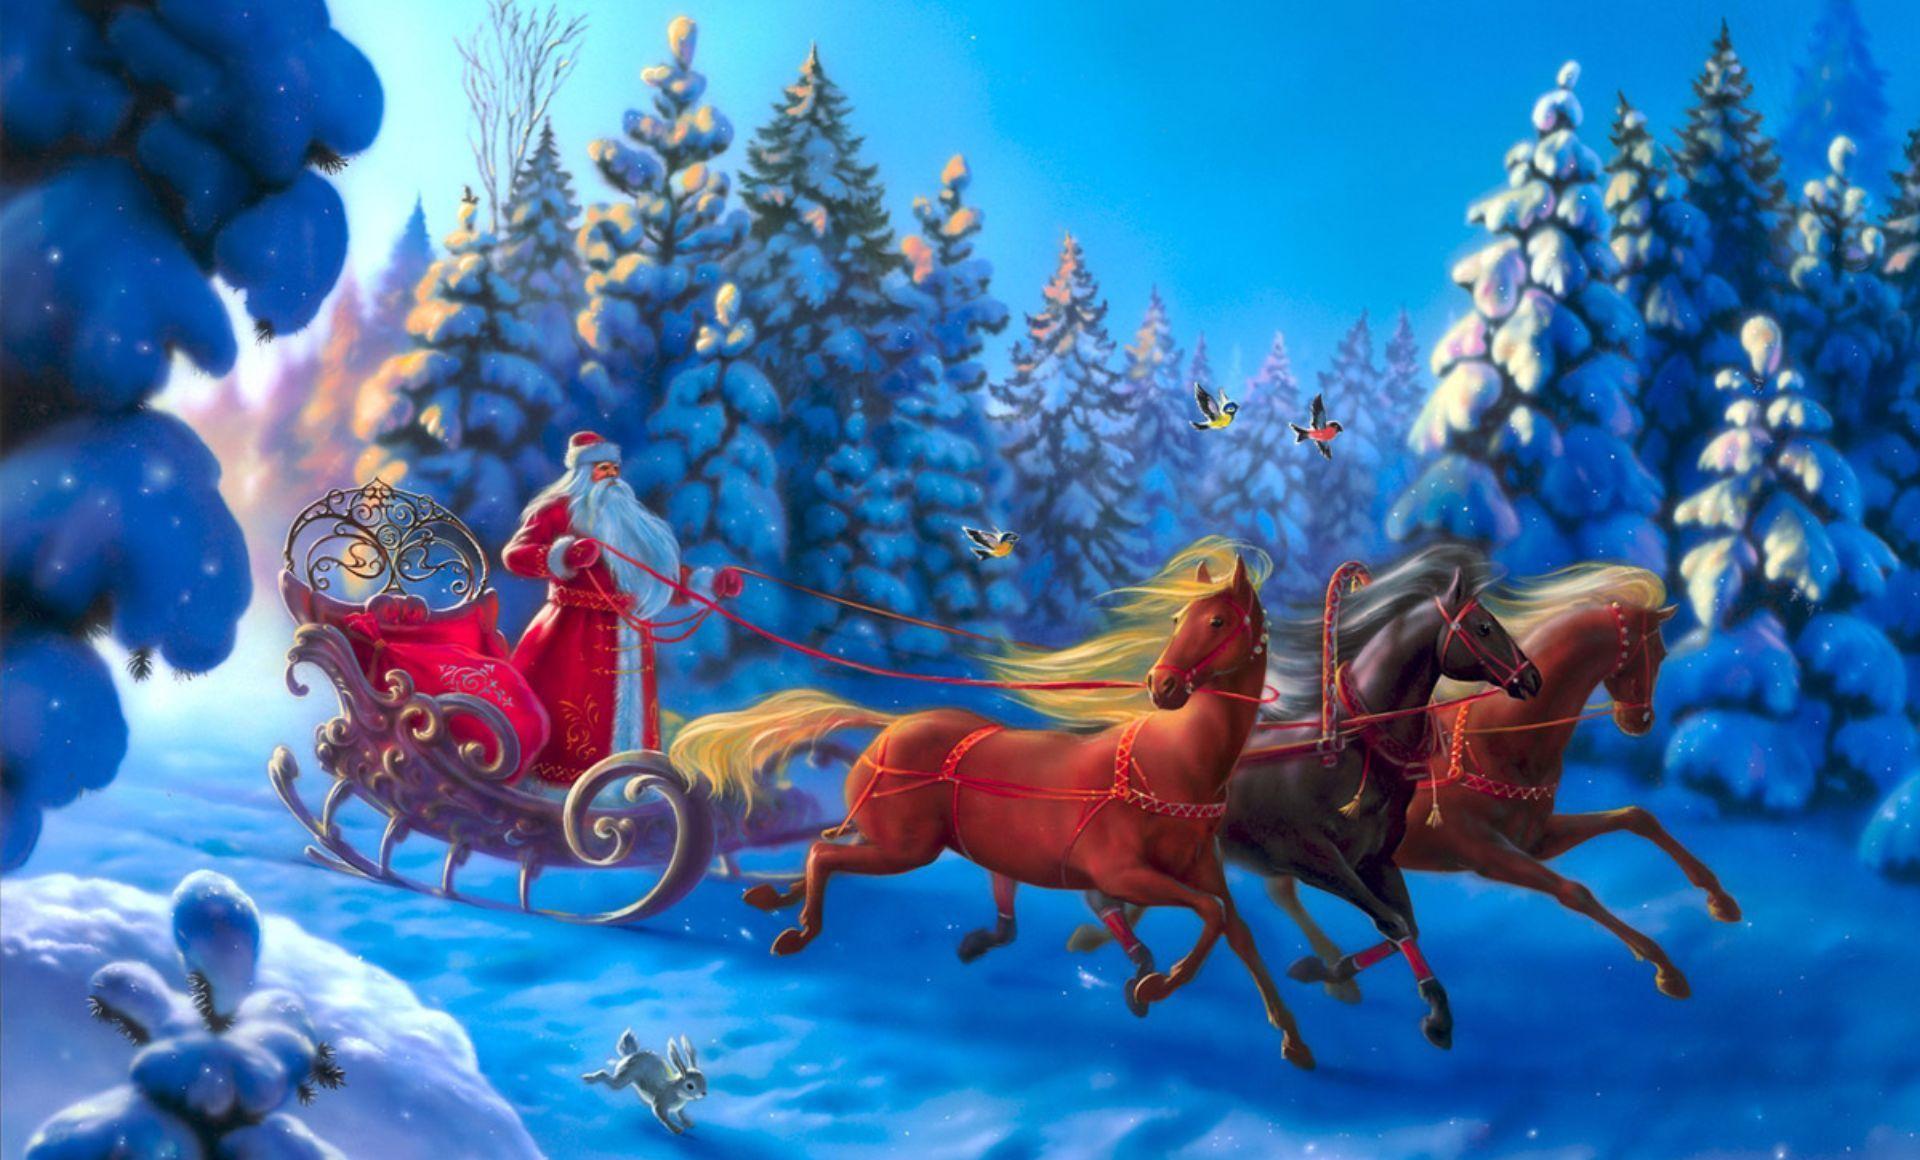 Помощники Деда Мороза или Кто помогает Деду Морозу